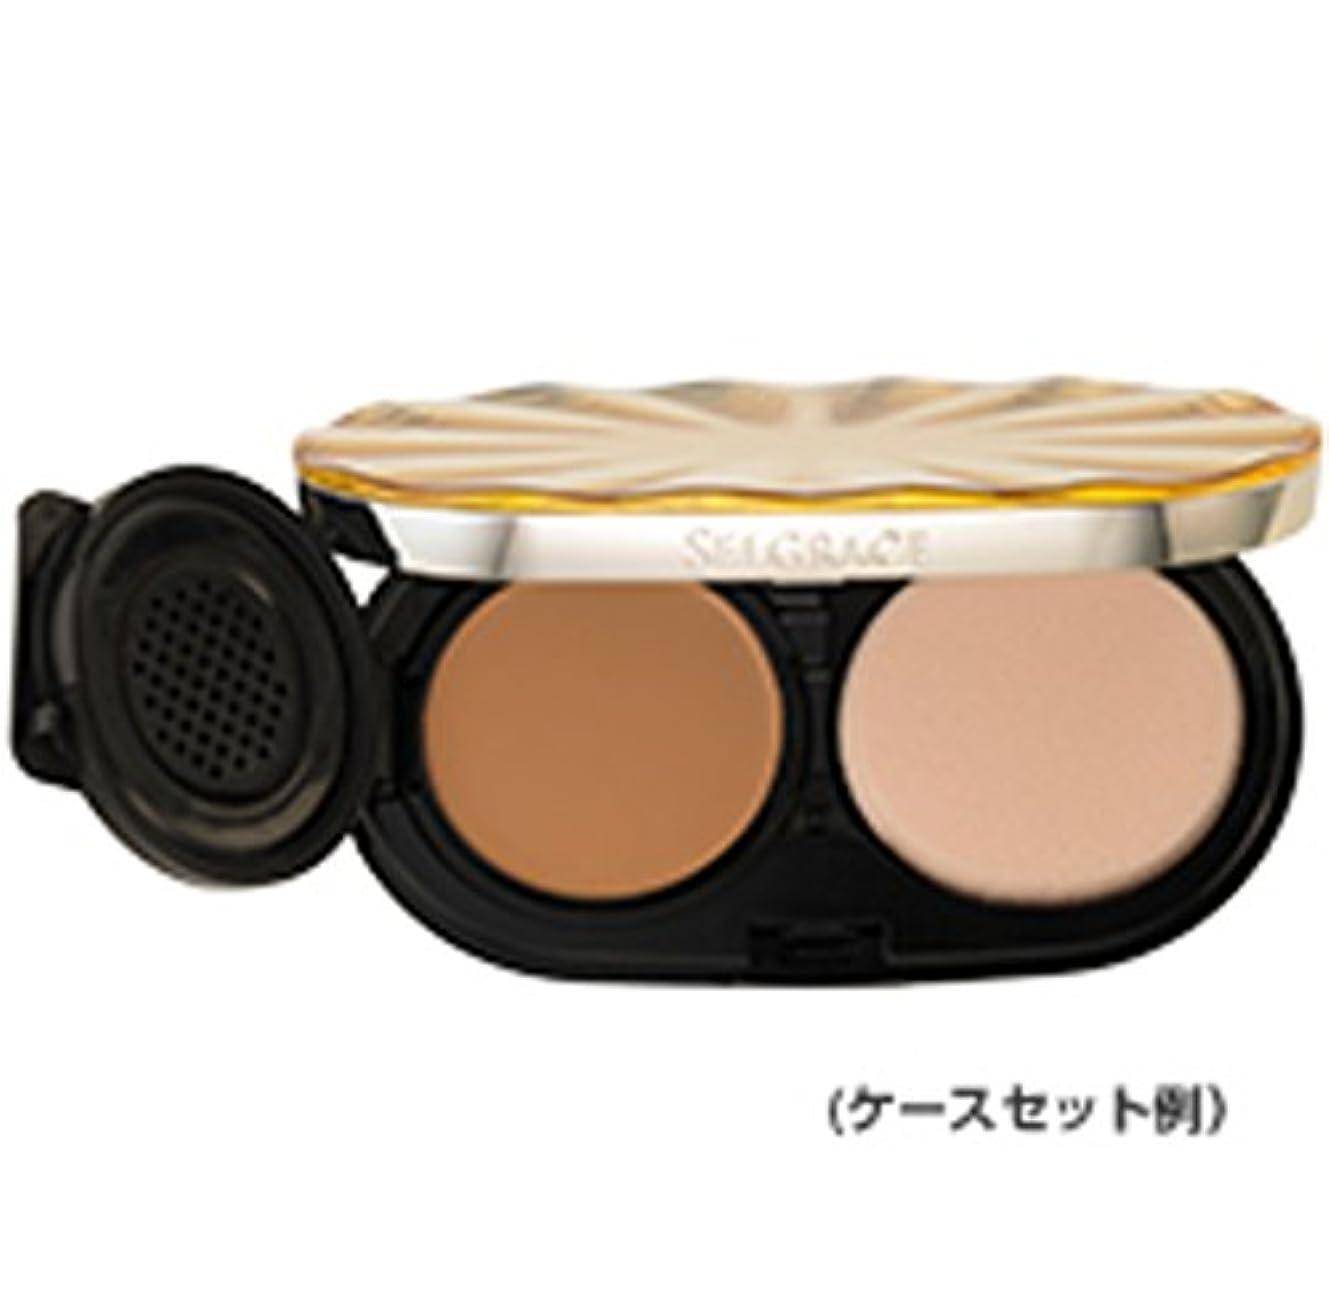 さわやか気まぐれなオーバーランナリス化粧品 セルグレース ベースインパクト ファンデーション 130 ライトピンクベージュ レフィル (スポンジ付き)